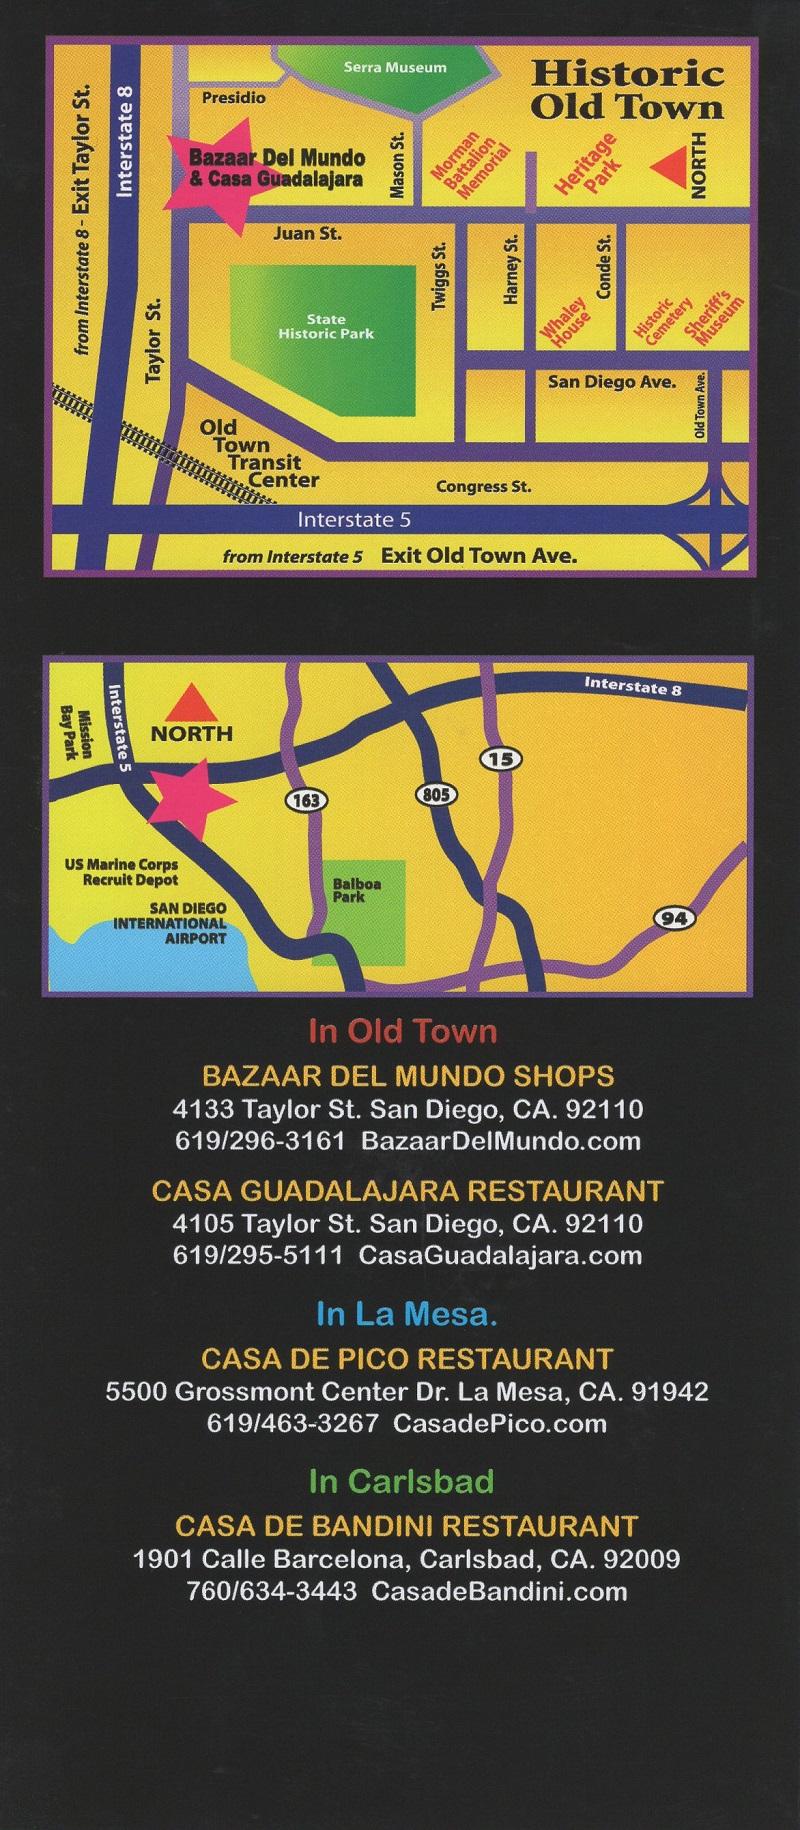 Bazaar Del Mundo/Casa Guadalajara brochure thumbnail